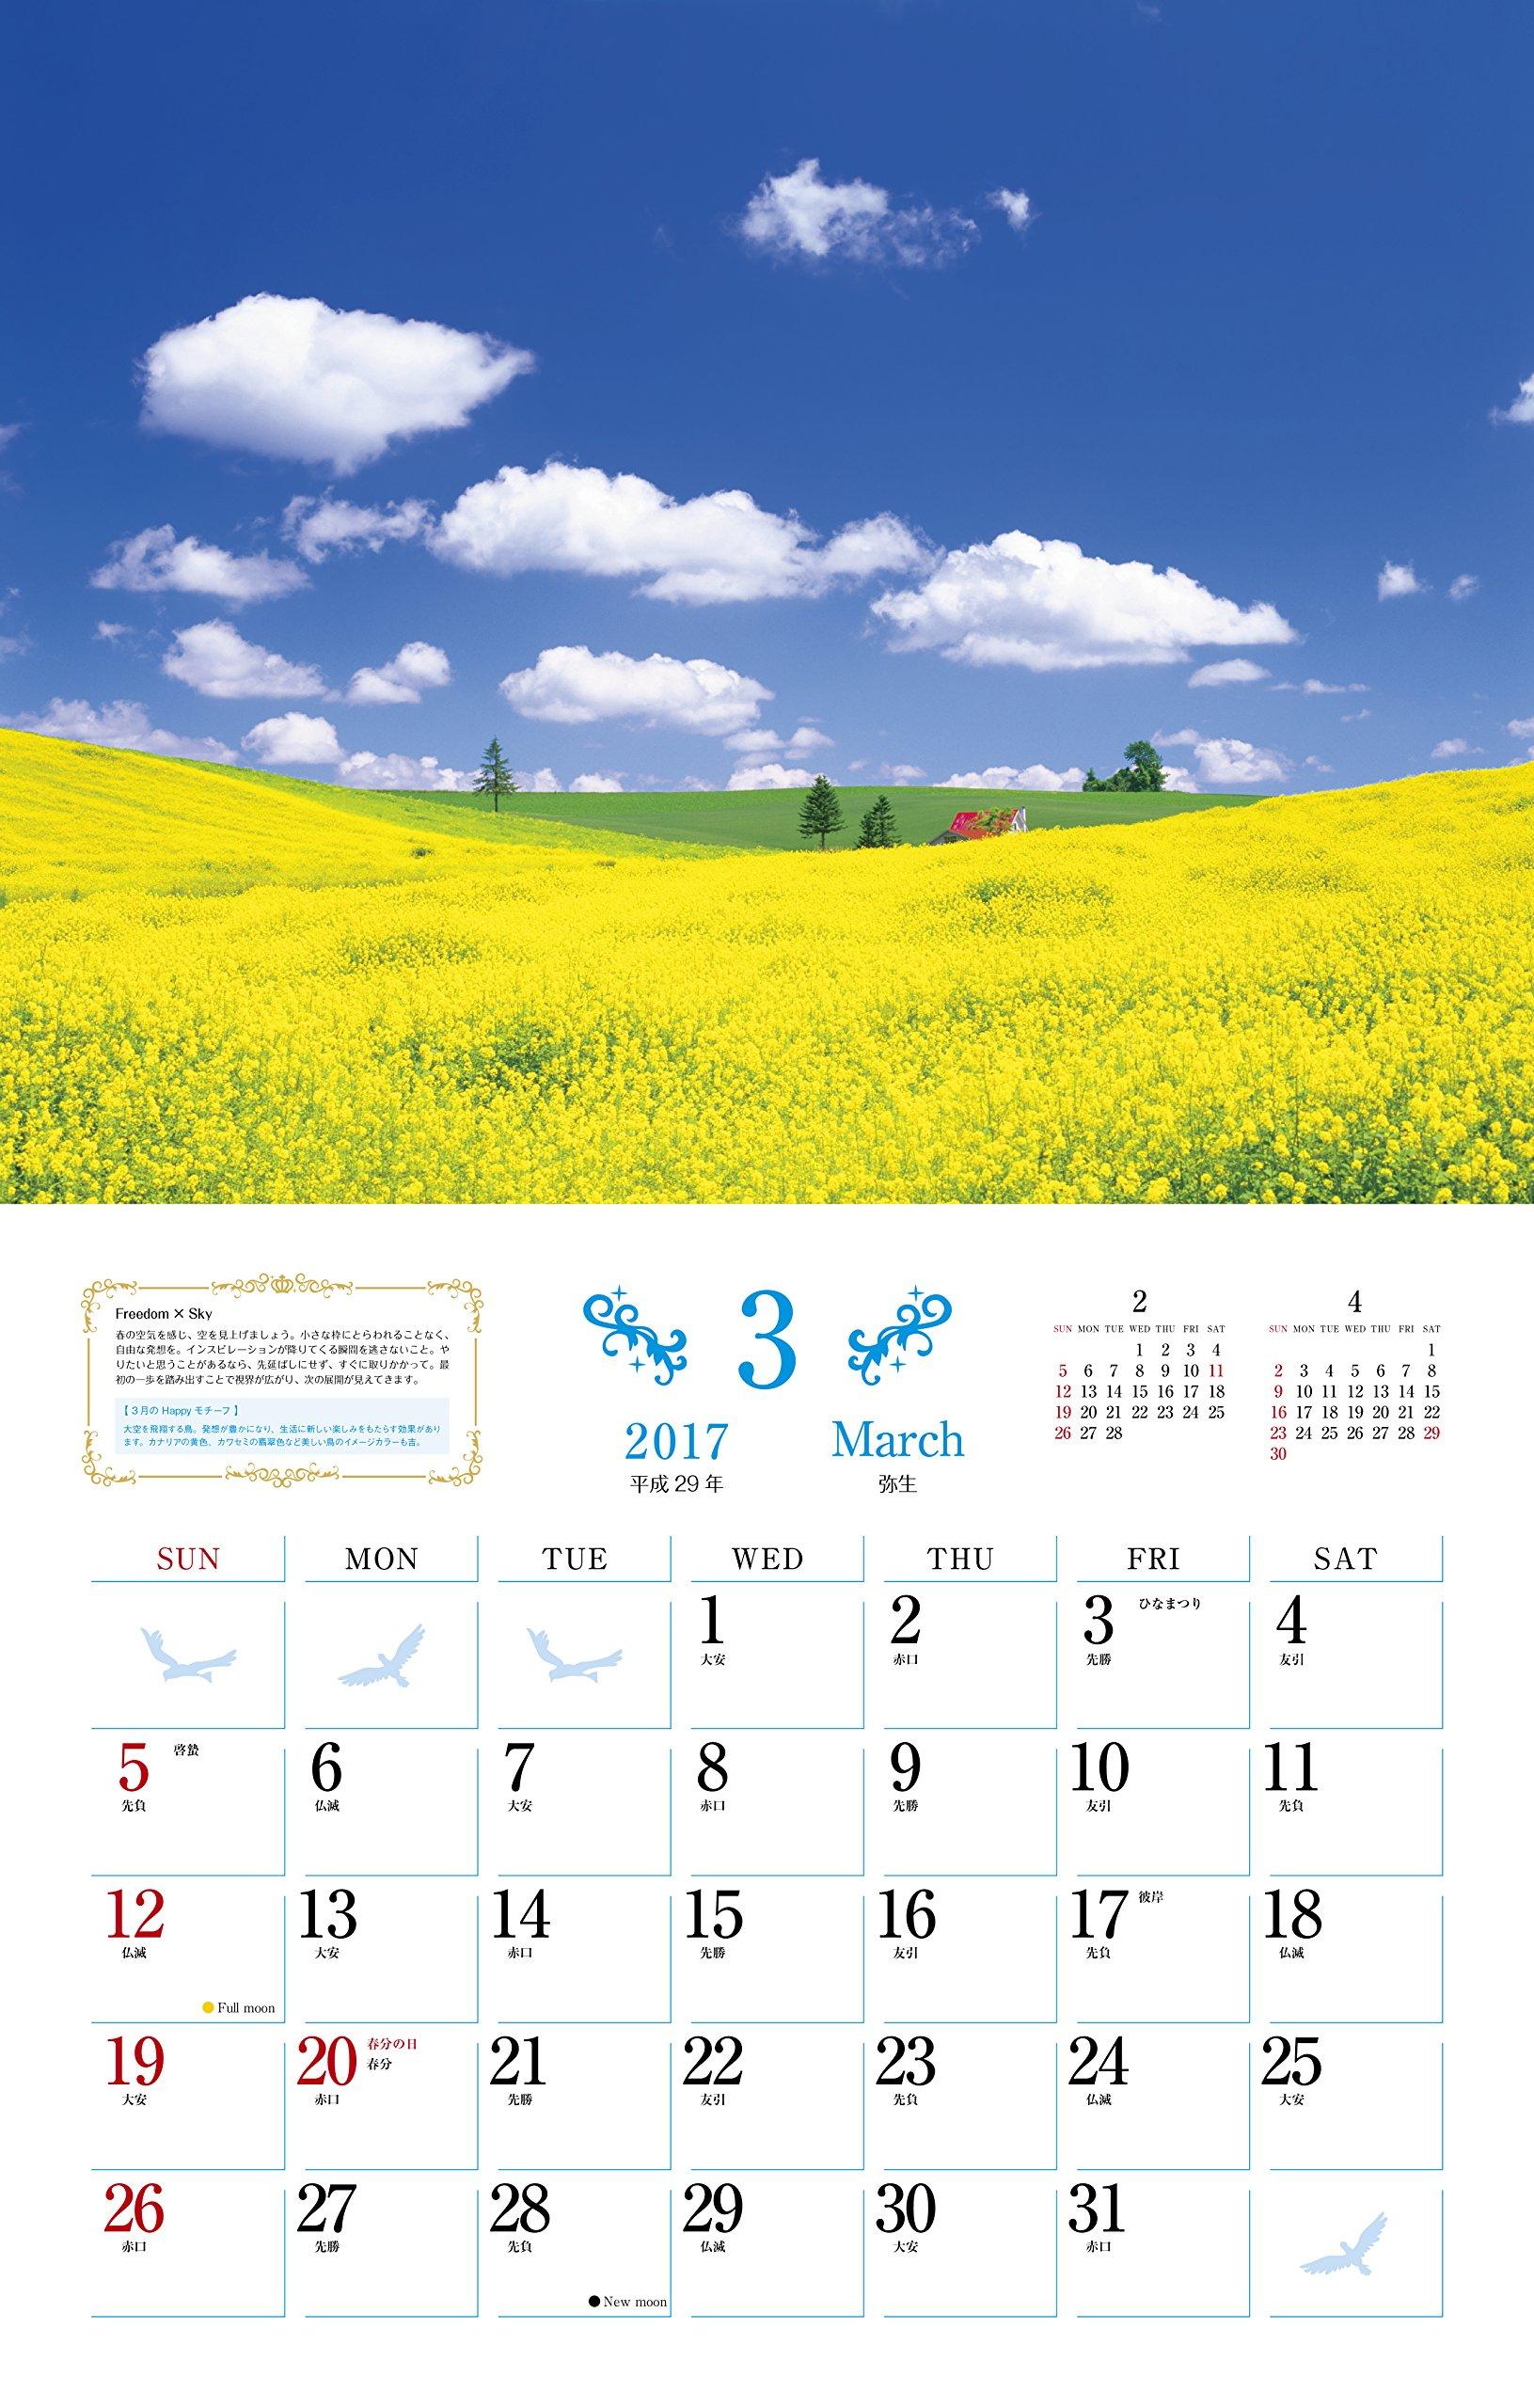 ユミリーの幸せを呼ぶ風景 calendar 2017 インプレスカレンダー2017